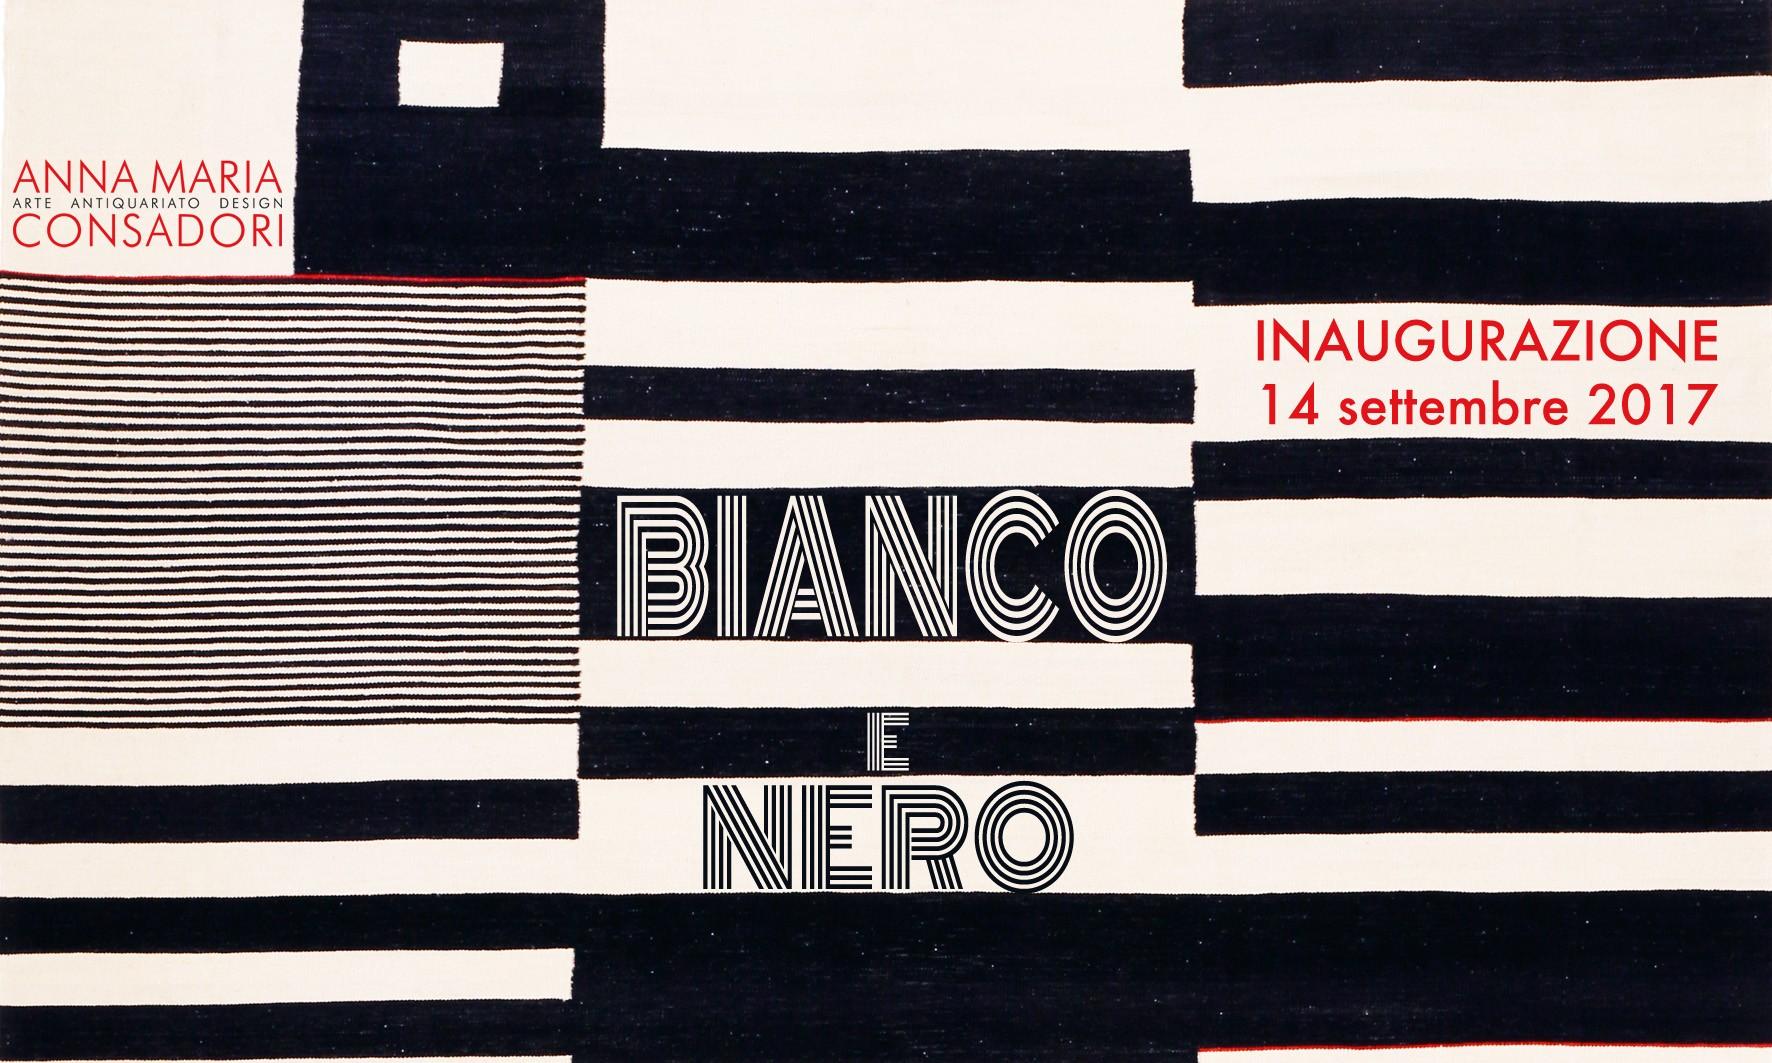 BIANCO E NERO, Galleria Consadori, 14 settembre 2017